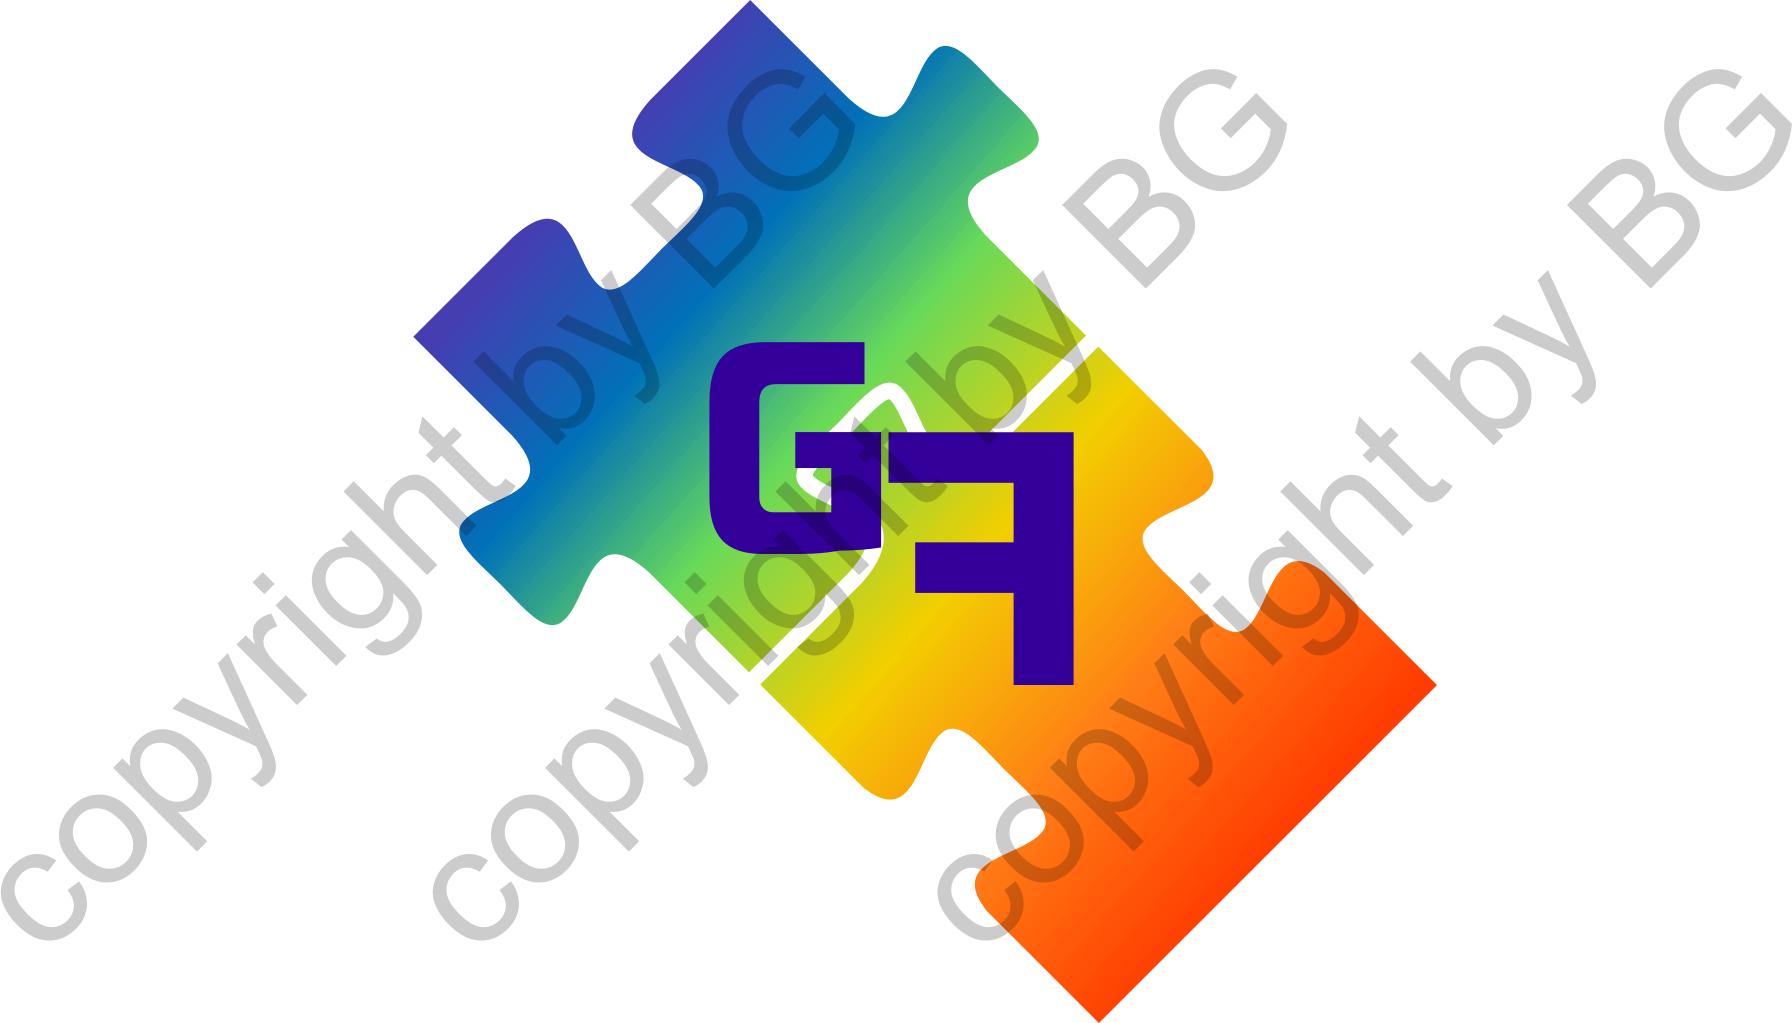 Разработать логотип для англоязычн. сайта знакомств для геев фото f_3725b43aeeee939c.png